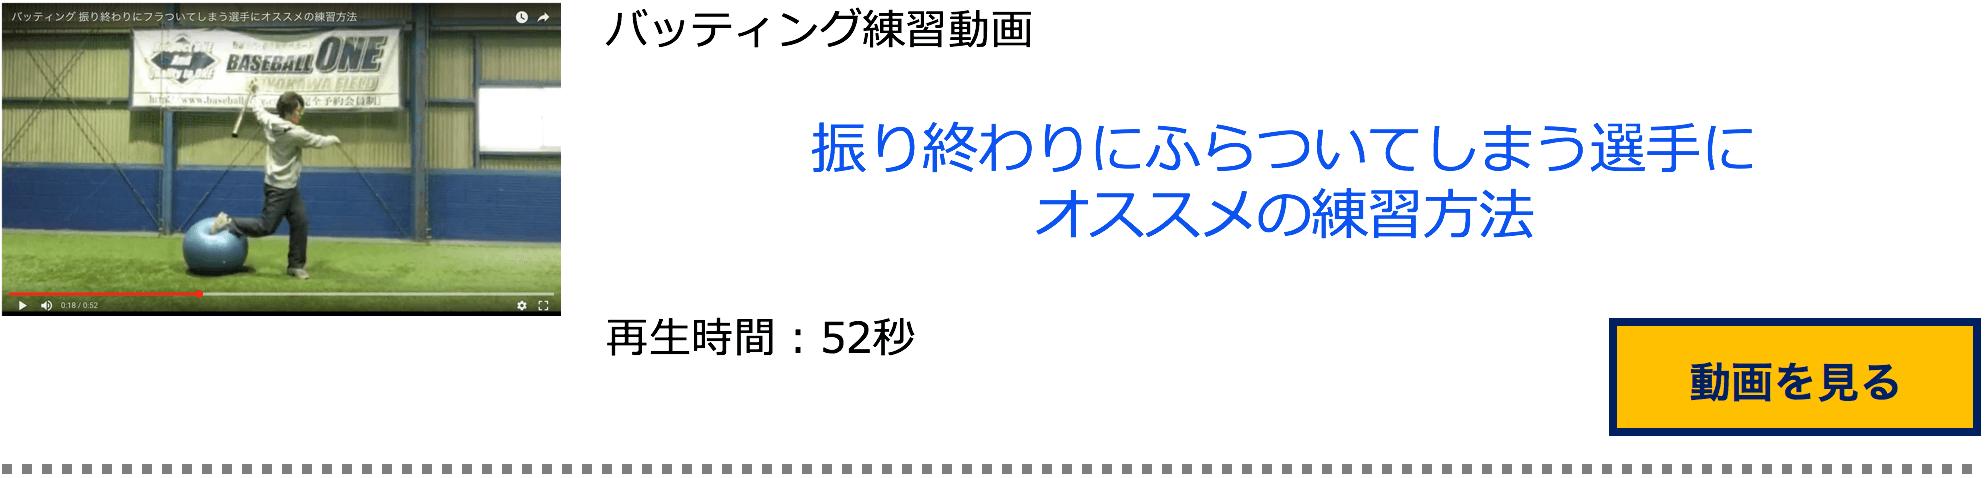 スクリーンショット 2017-05-17 18.33.07